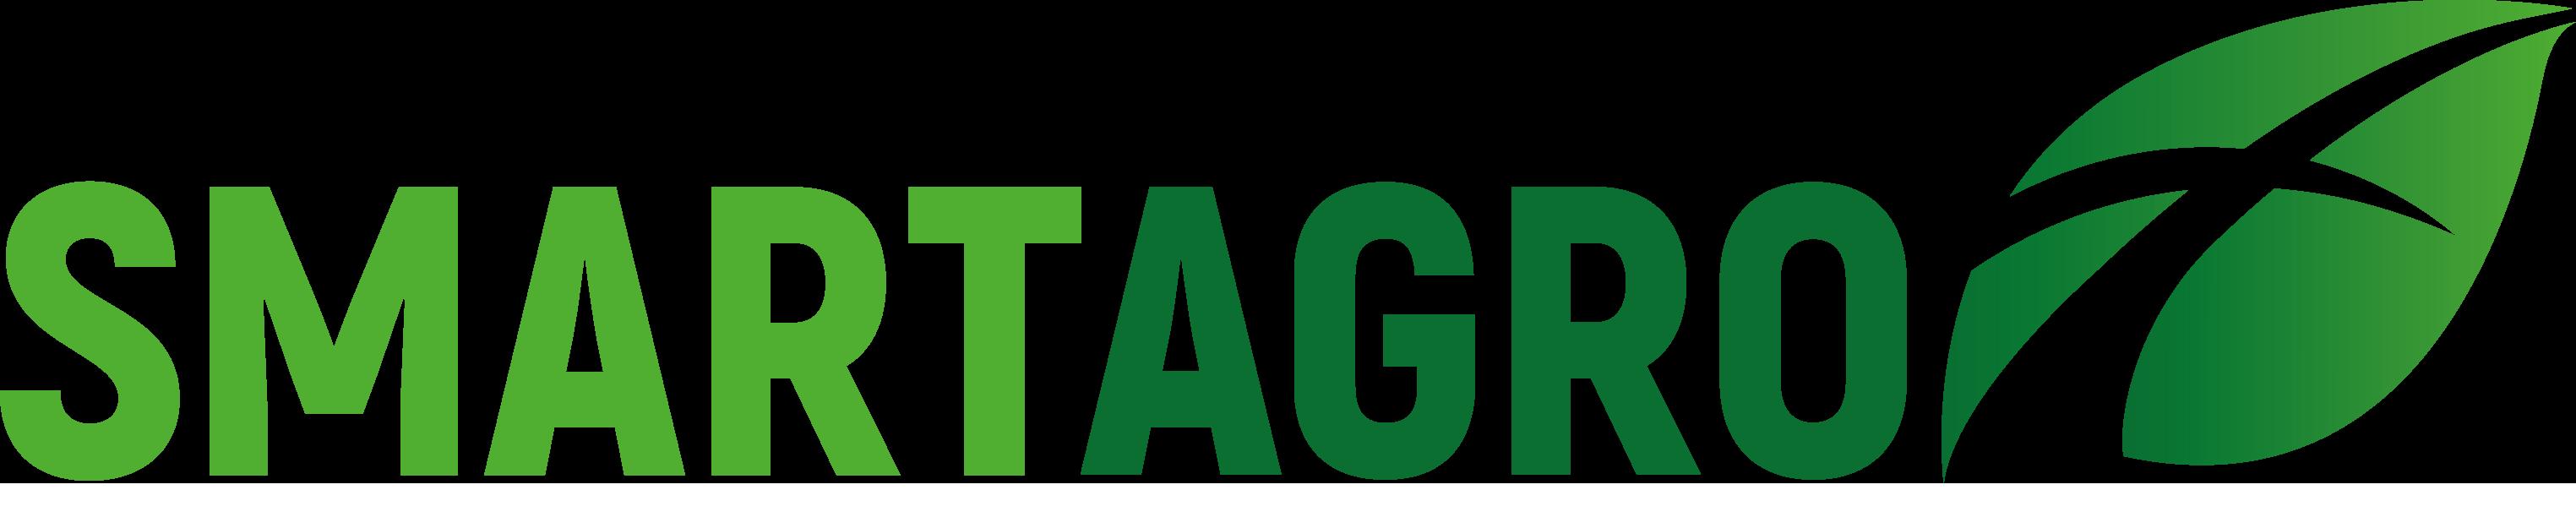 SmartAgro Bulgaria